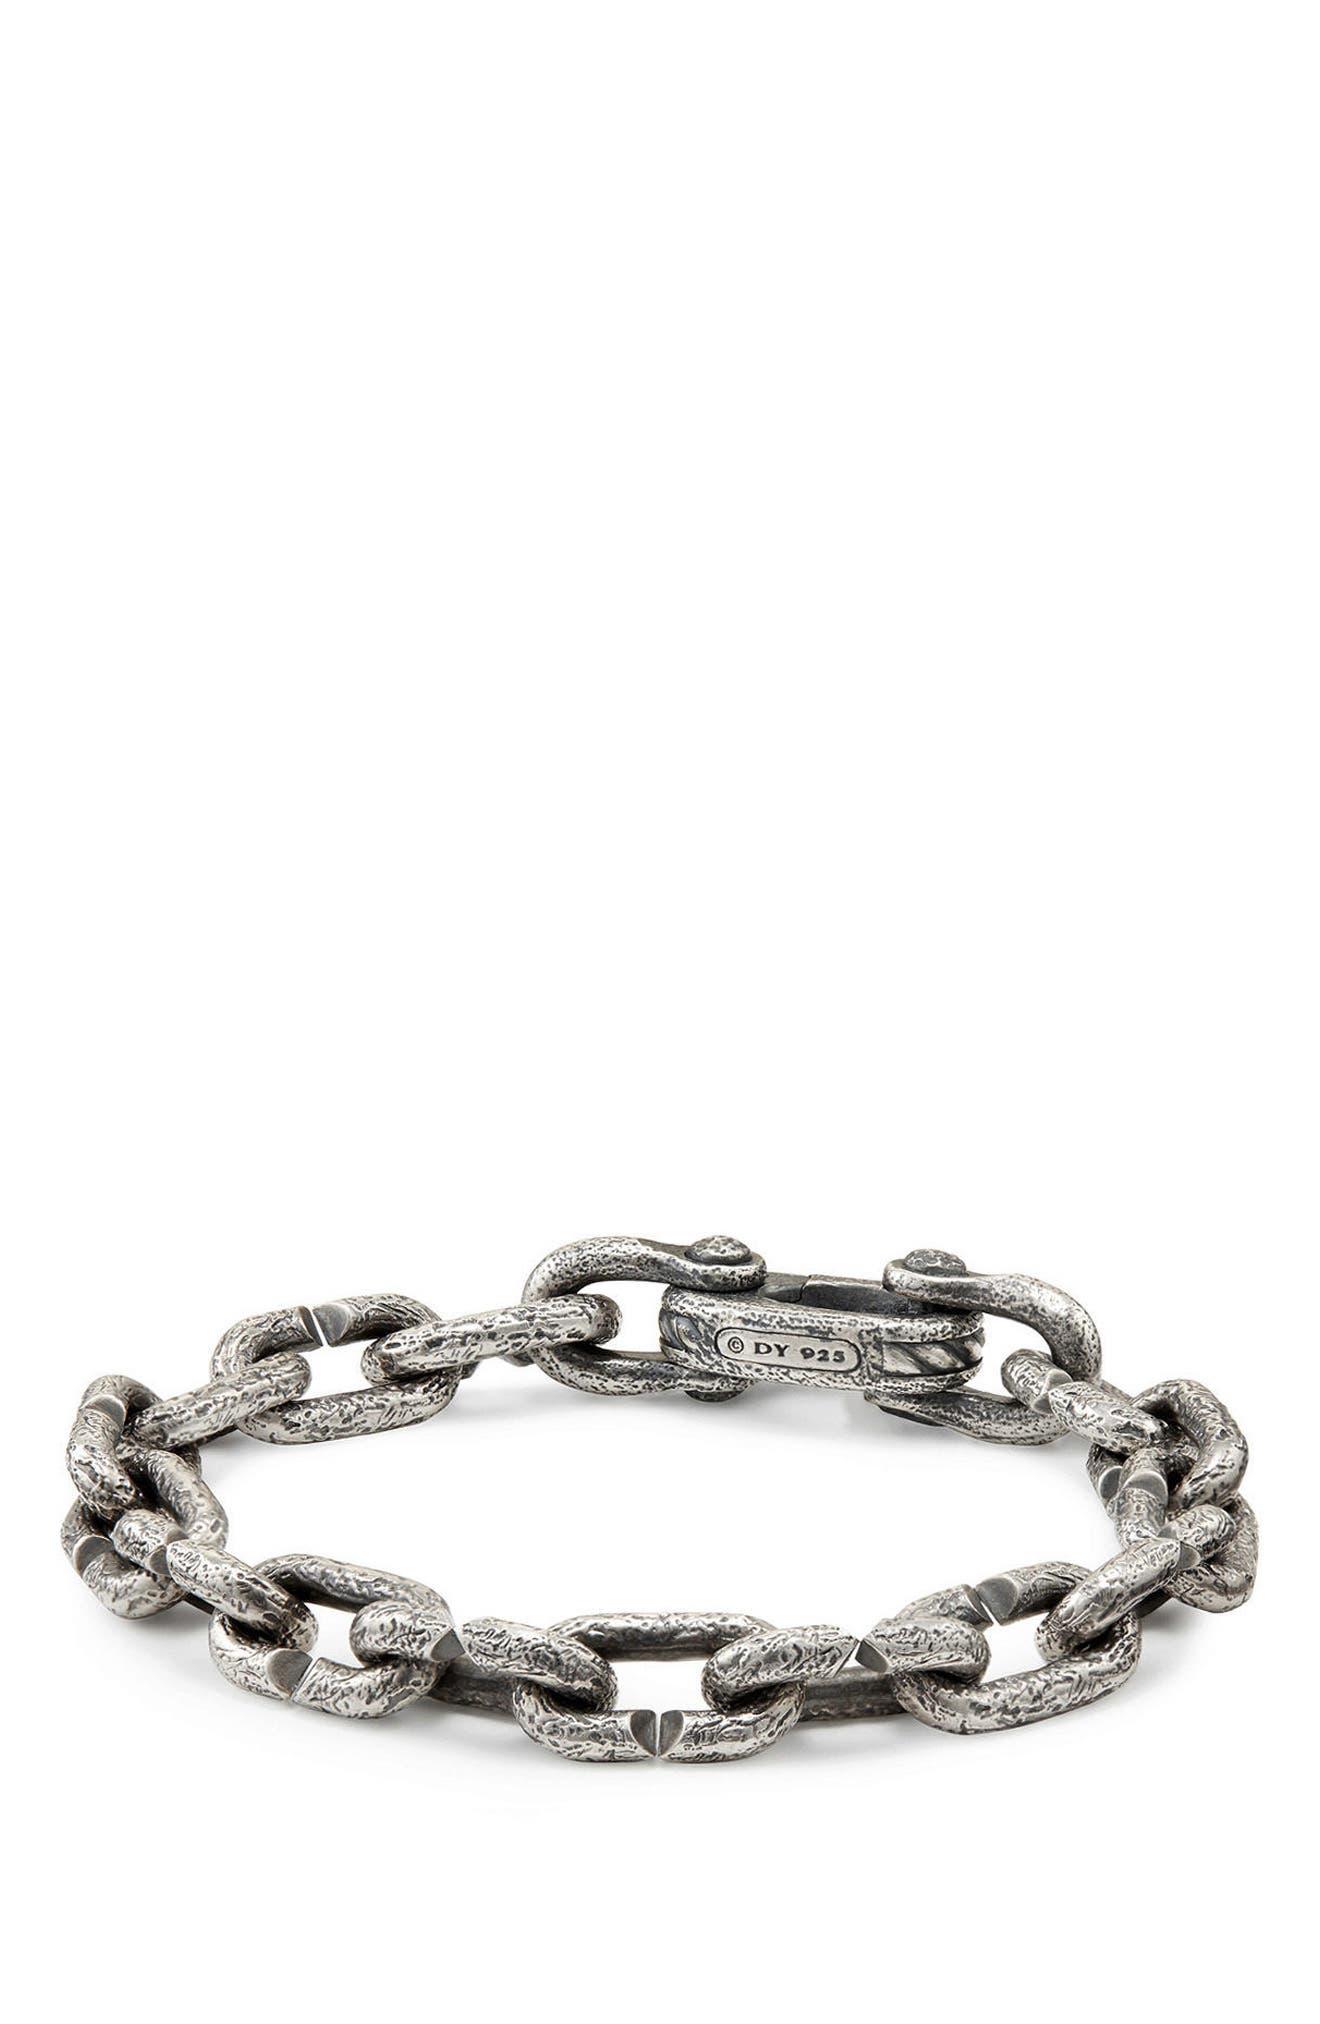 DAVID YURMAN, Shipwreck Chain Bracelet, Main thumbnail 1, color, SILVER